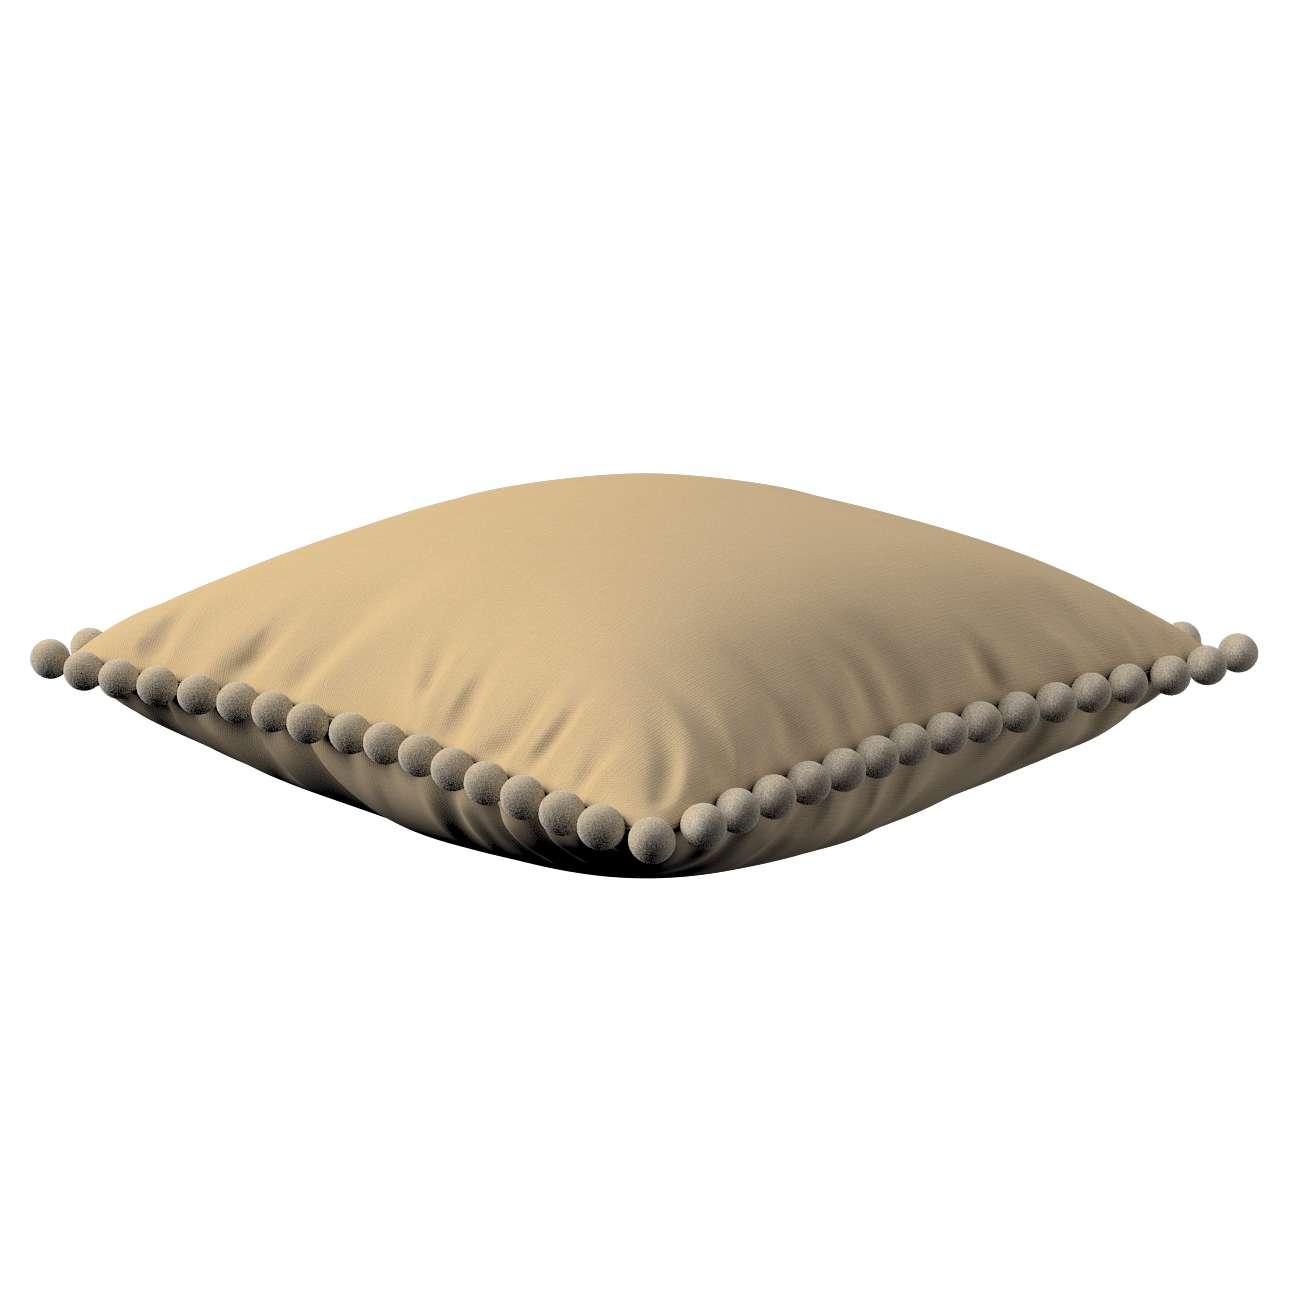 Kissenhülle Wera mit Bommeln 45 x 45 cm von der Kollektion Cotton Panama, Stoff: 702-01